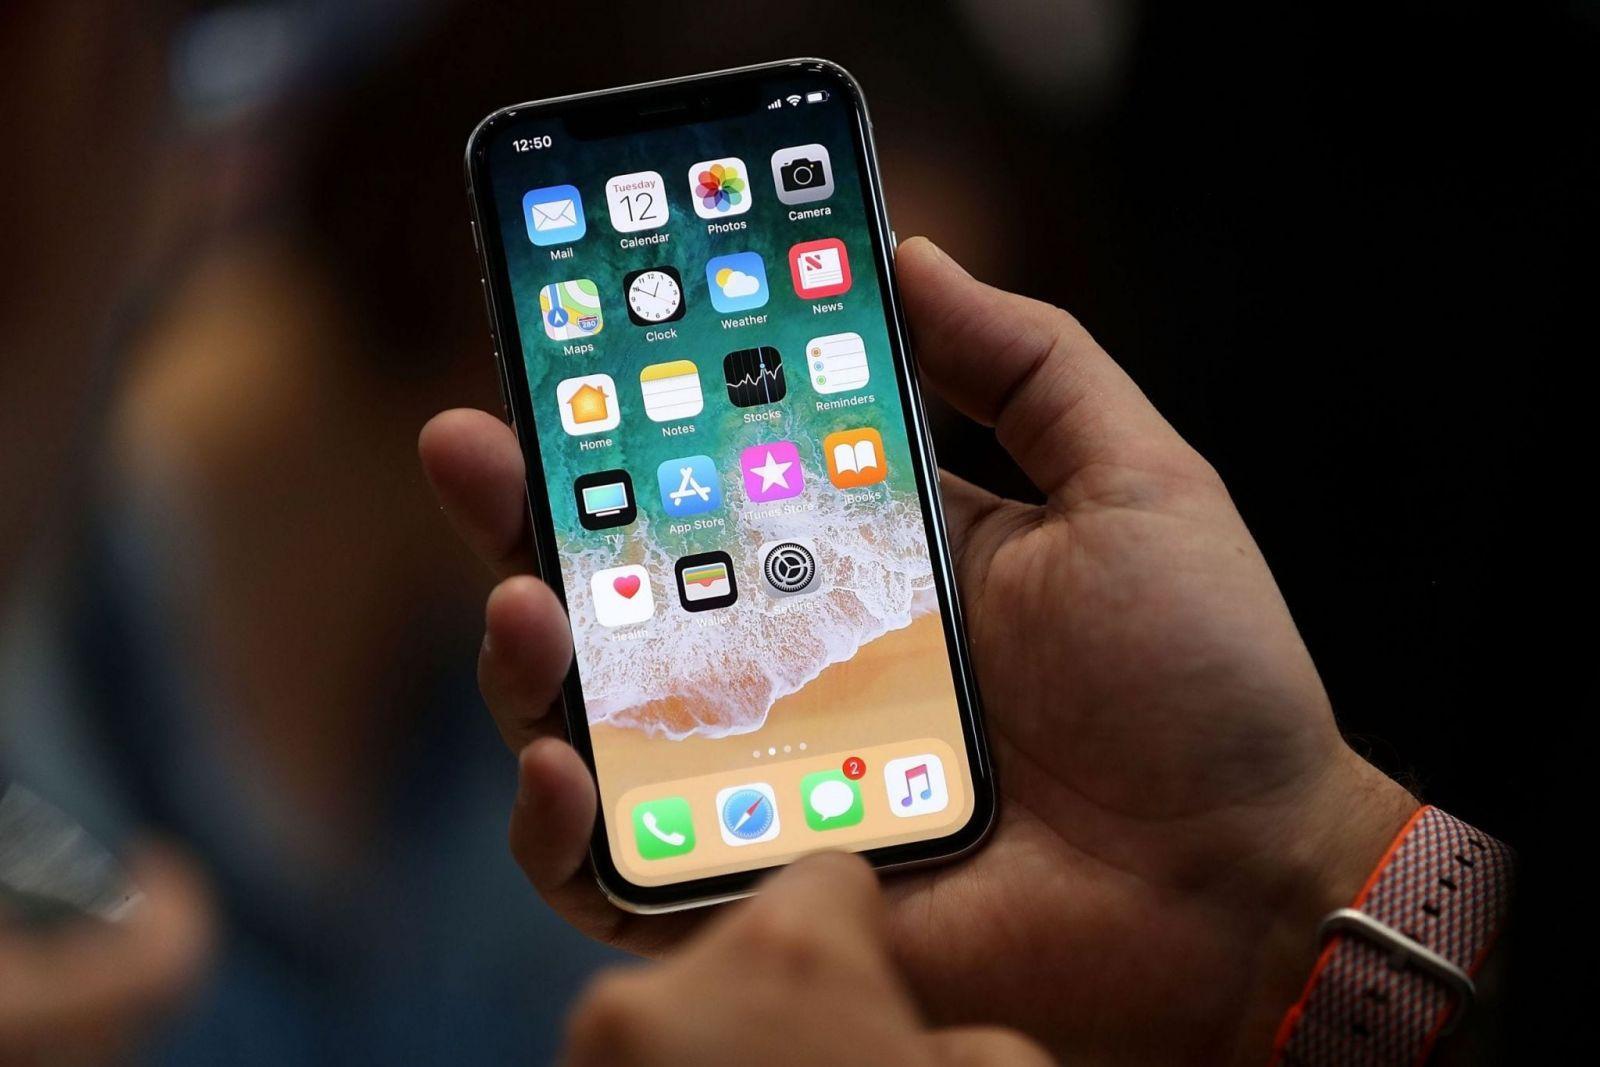 В России резко подешевели старые версии «айфонов» (heres how apples new iphone a38b20dde9c6ae5e26d78123dda70a81 scaled)